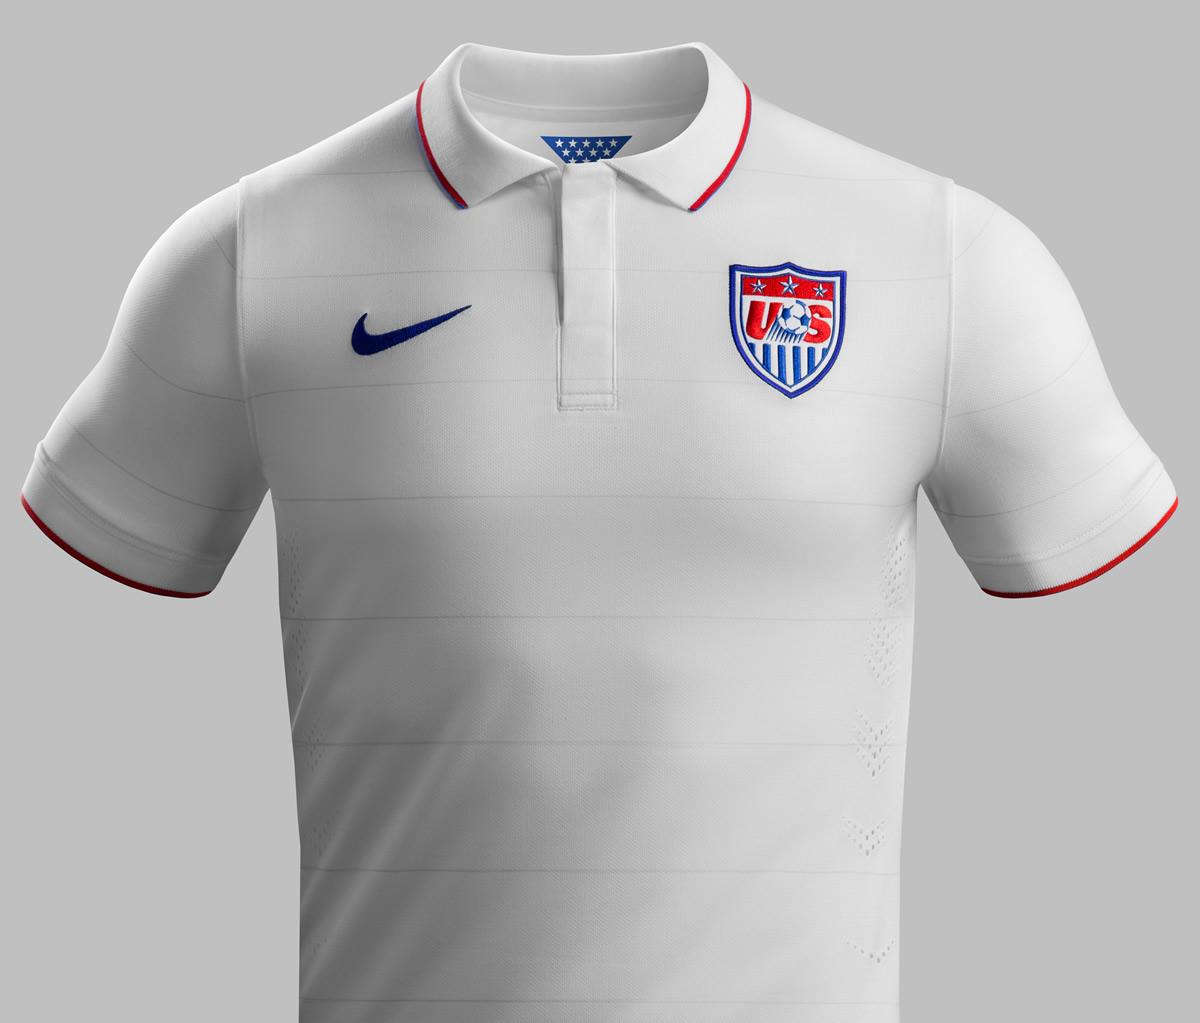 La nueva camiseta de Estados Unidos   Foto Nike